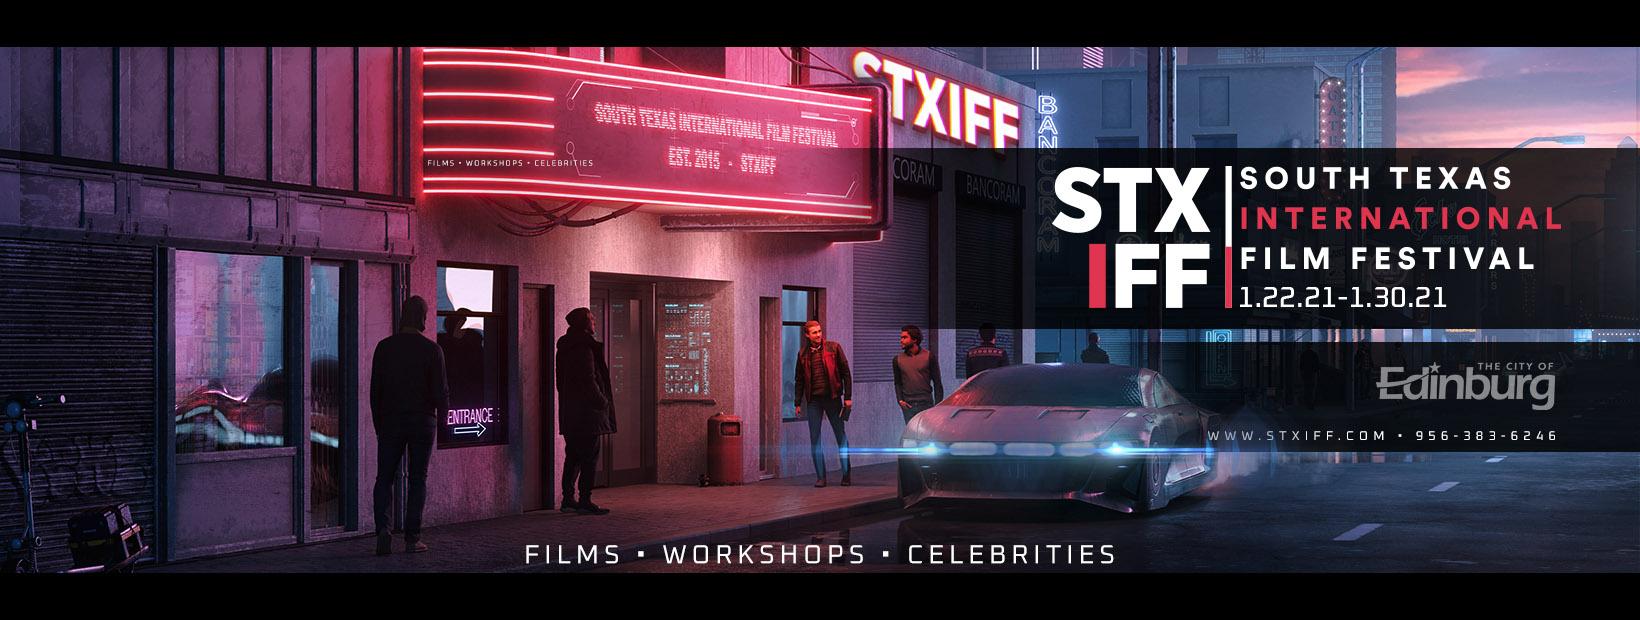 STXIFF 2020